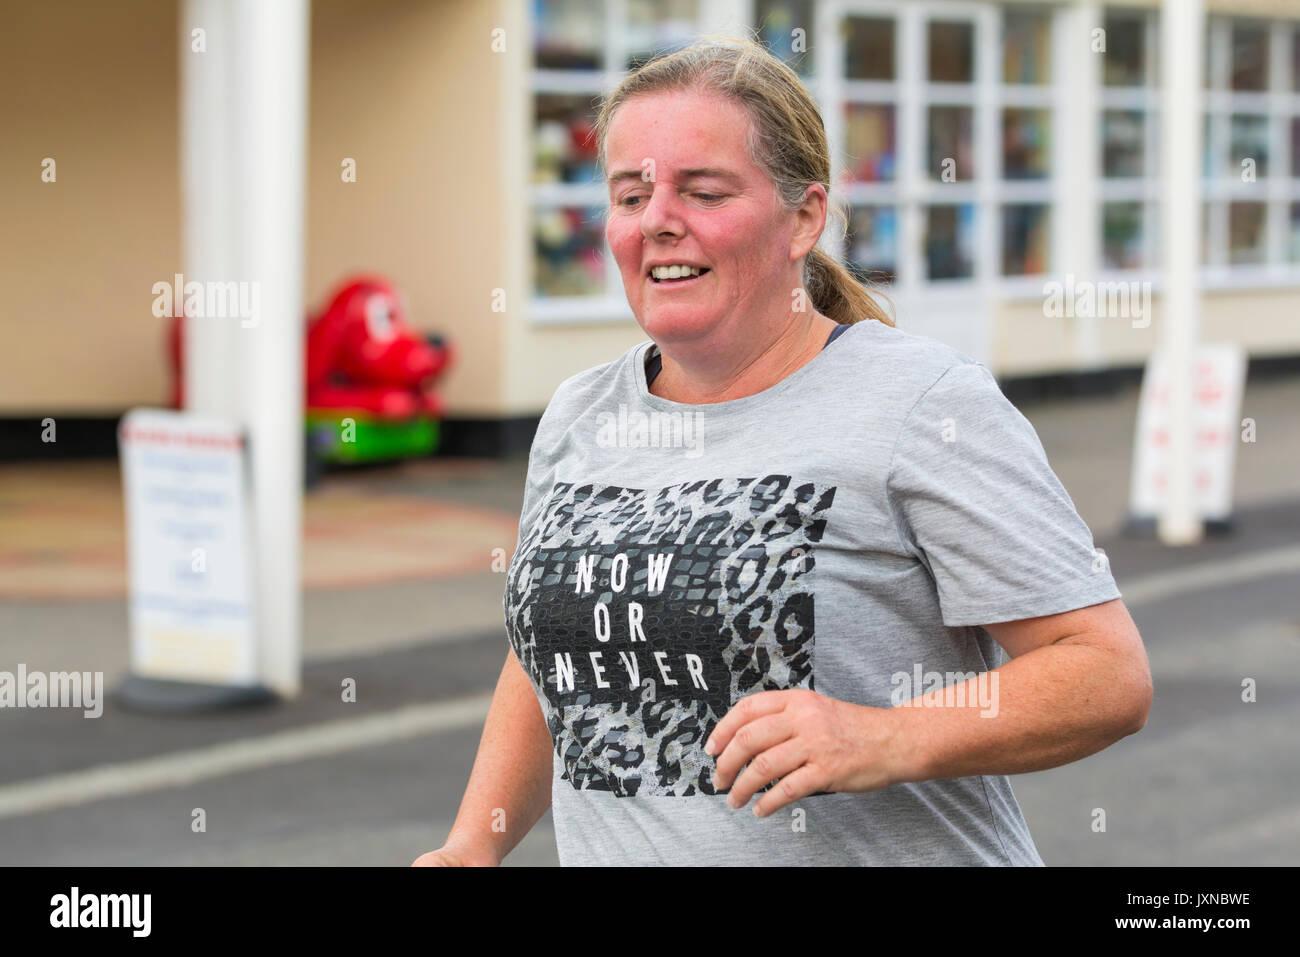 Di mezza età Donna sovrappeso in esecuzione come parte del piano per perdere peso e per ottenere la misura, a Worthing vitalità Parkrun evento. Immagini Stock